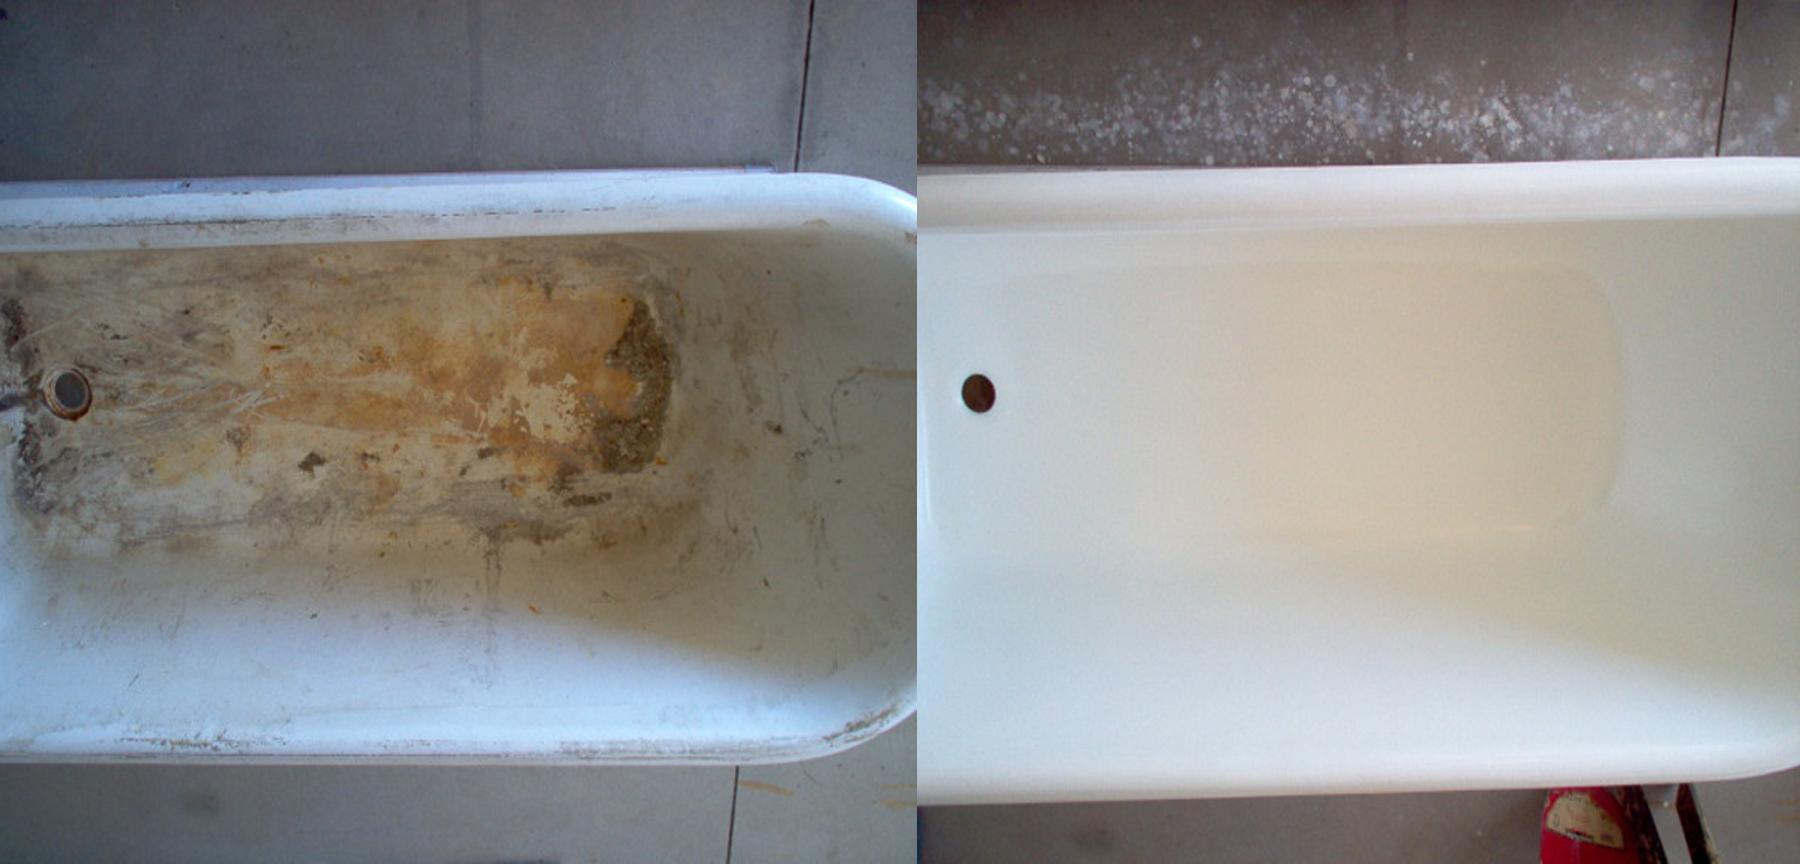 Westchester Bathtub Reglazing U0026 Tile Reglazing Aka Bathtub Refinishing  10604   YP.com